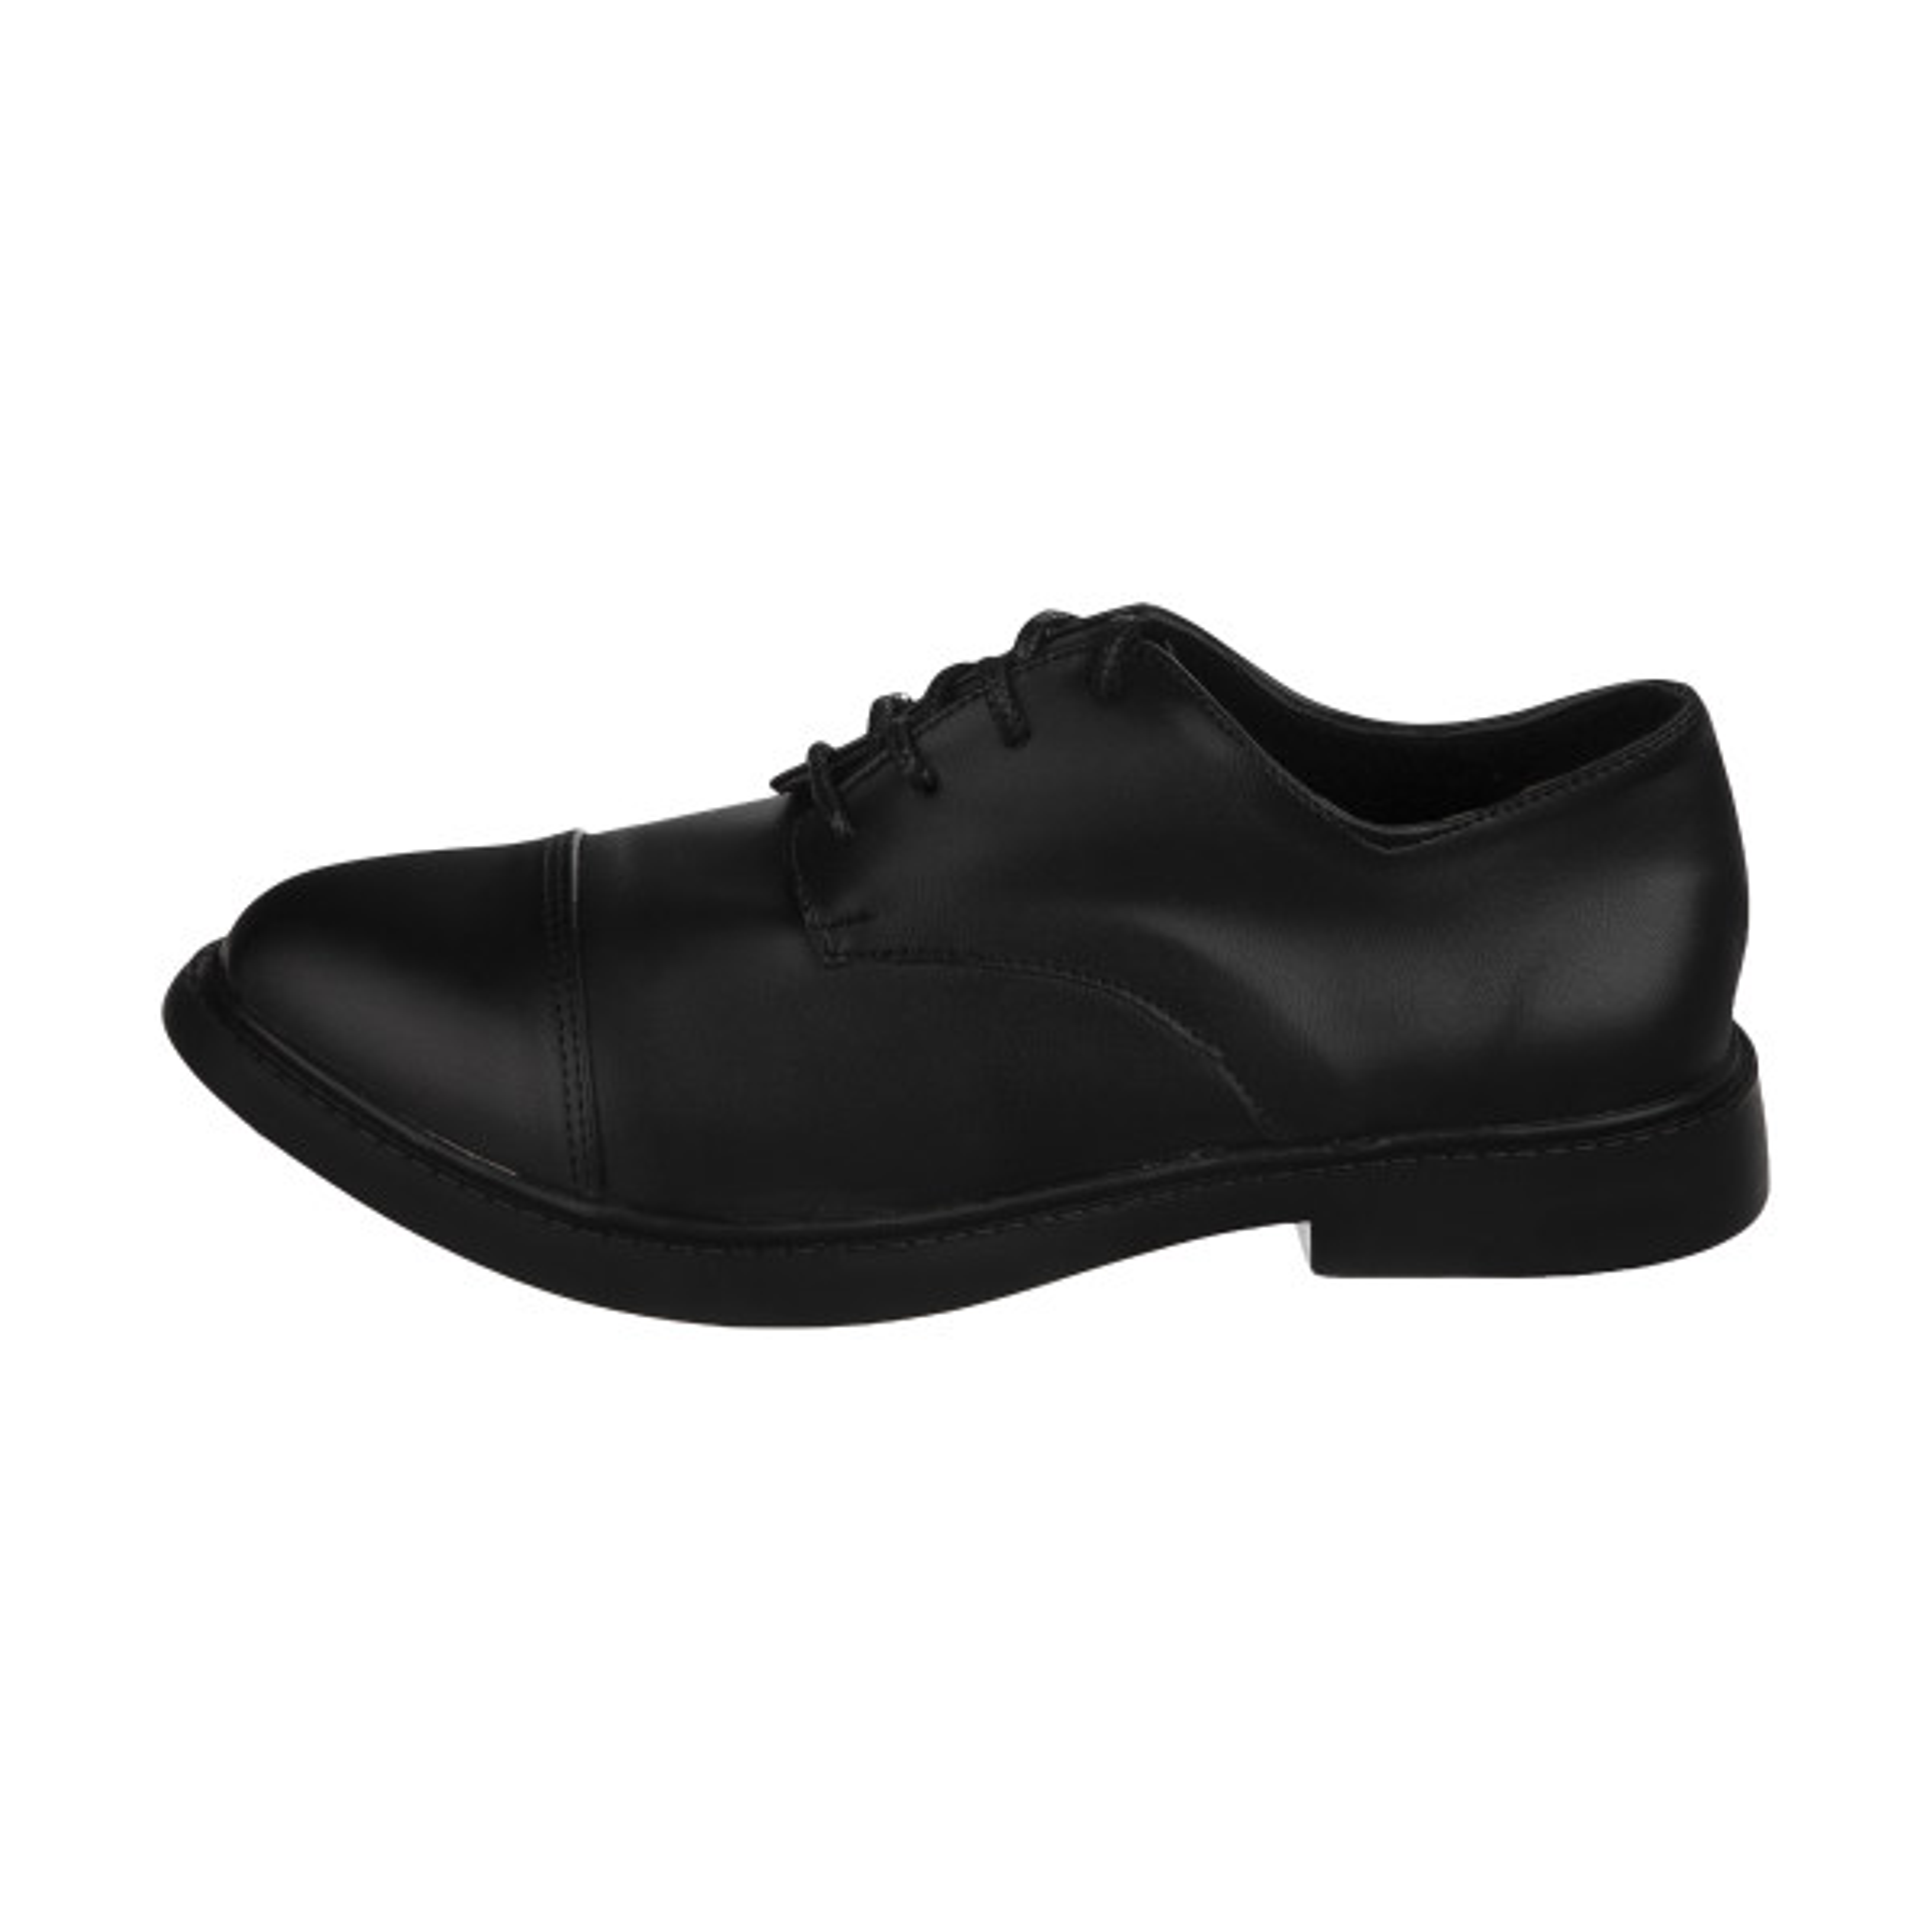 کفش زنانه لبتو مدل 1051-99